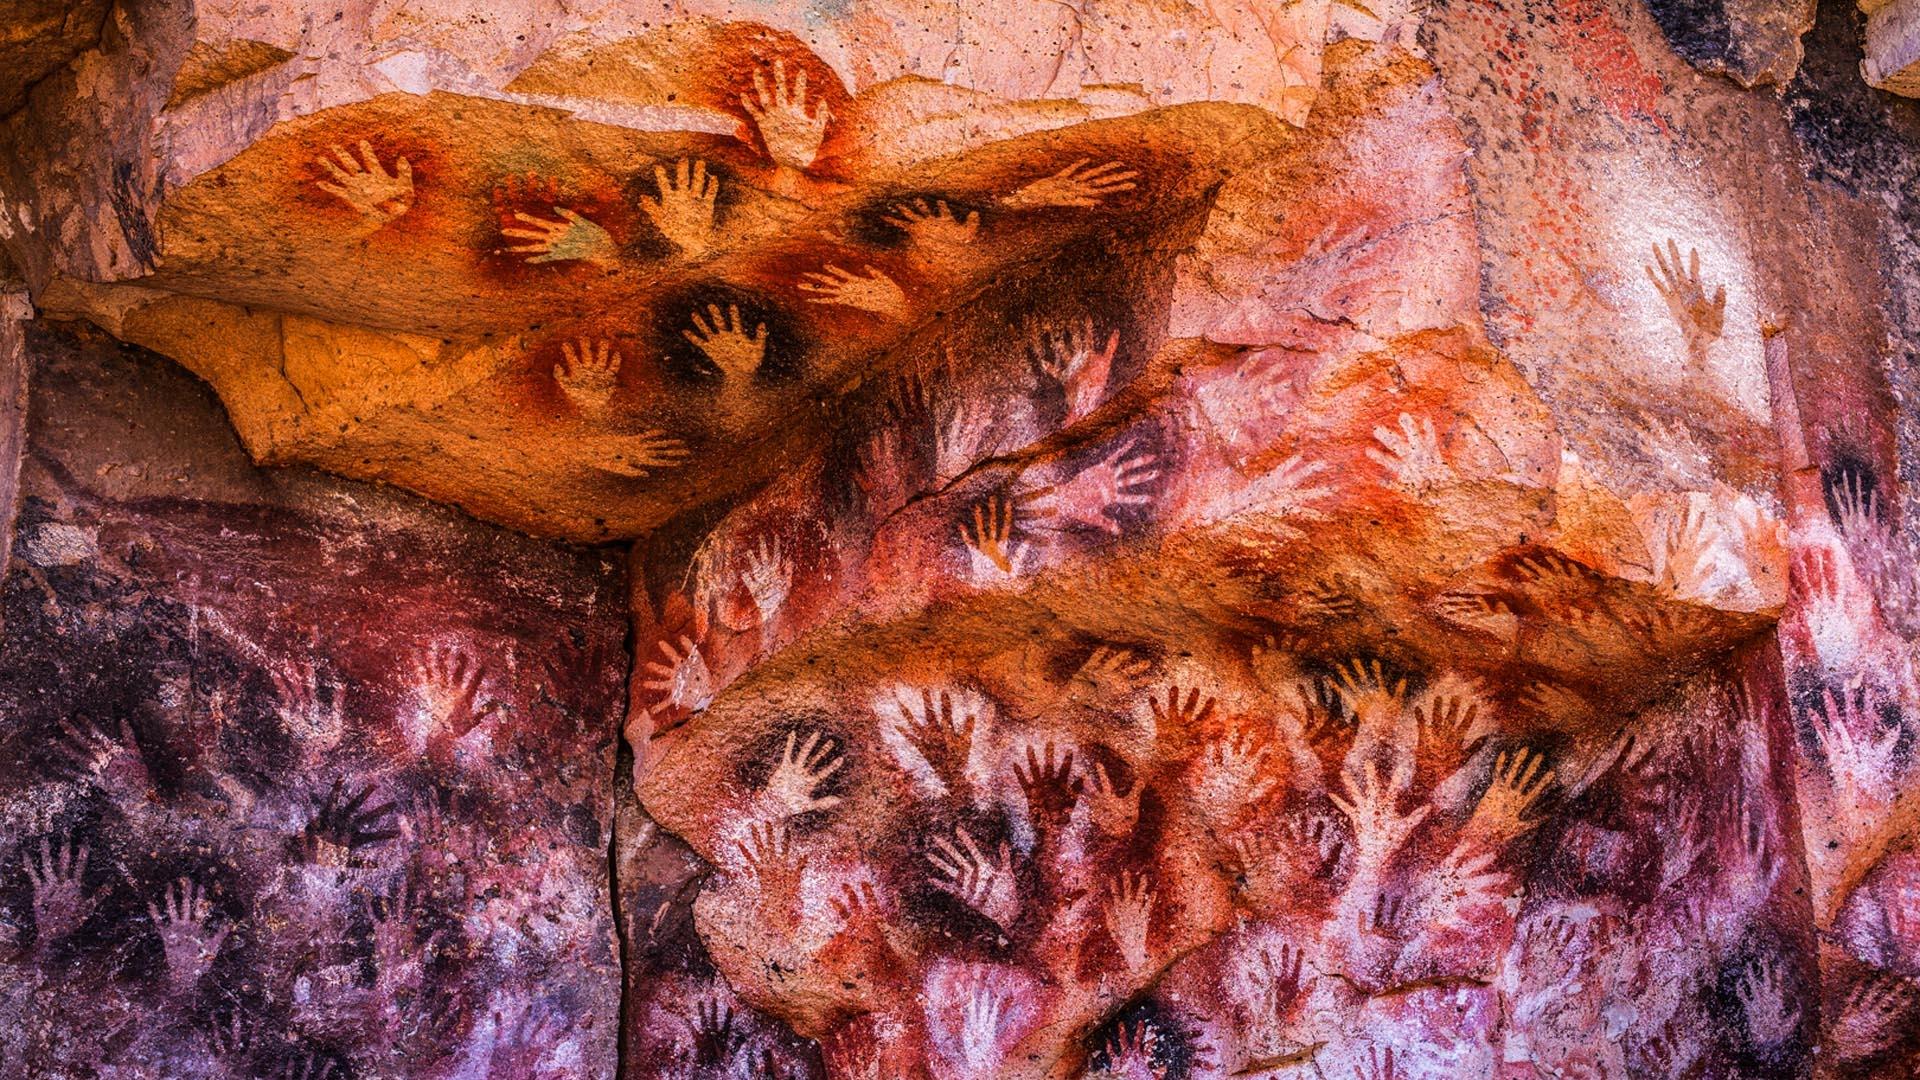 La Cueva de las Manos, una de las mayores atracciones turísticas de Santa Cruz, pasó a manos del Gobierno - Infobae